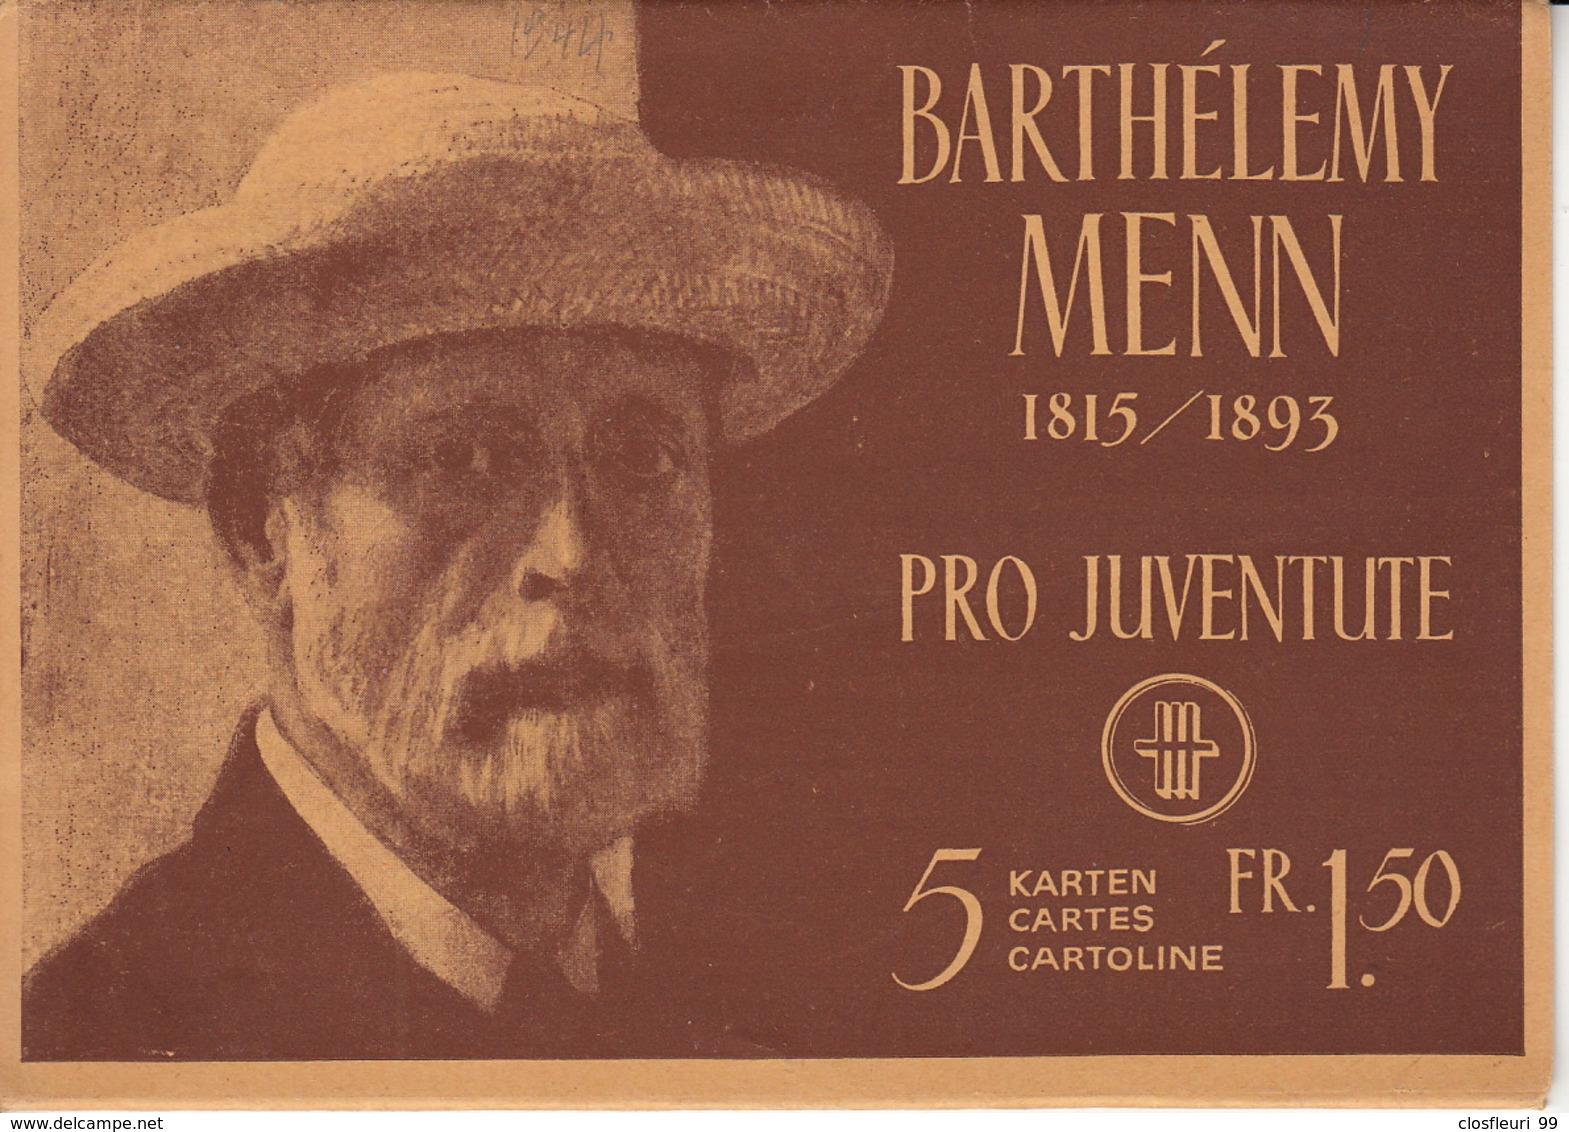 Pro Juventute / Barthélemy Menn / Feuillet Complet 1944 **, 5 Cartes Qualité Luxe - Other